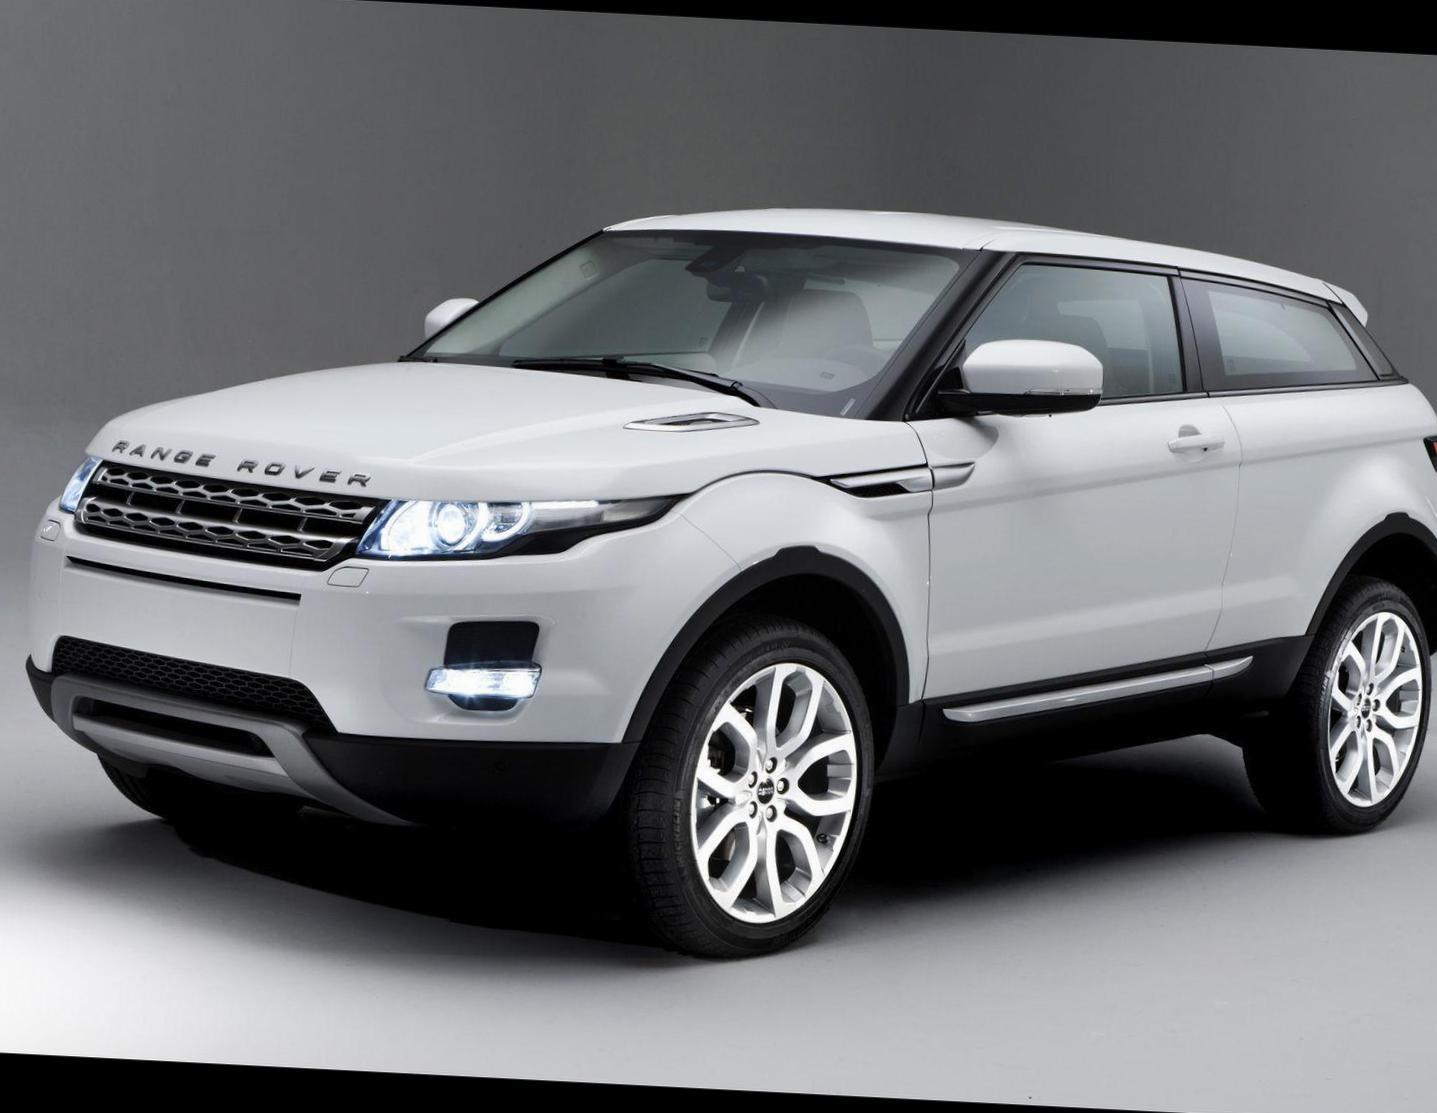 Land Rover Lease >> Land Rover Range Rover Evoque Photos And Specs Photo Range